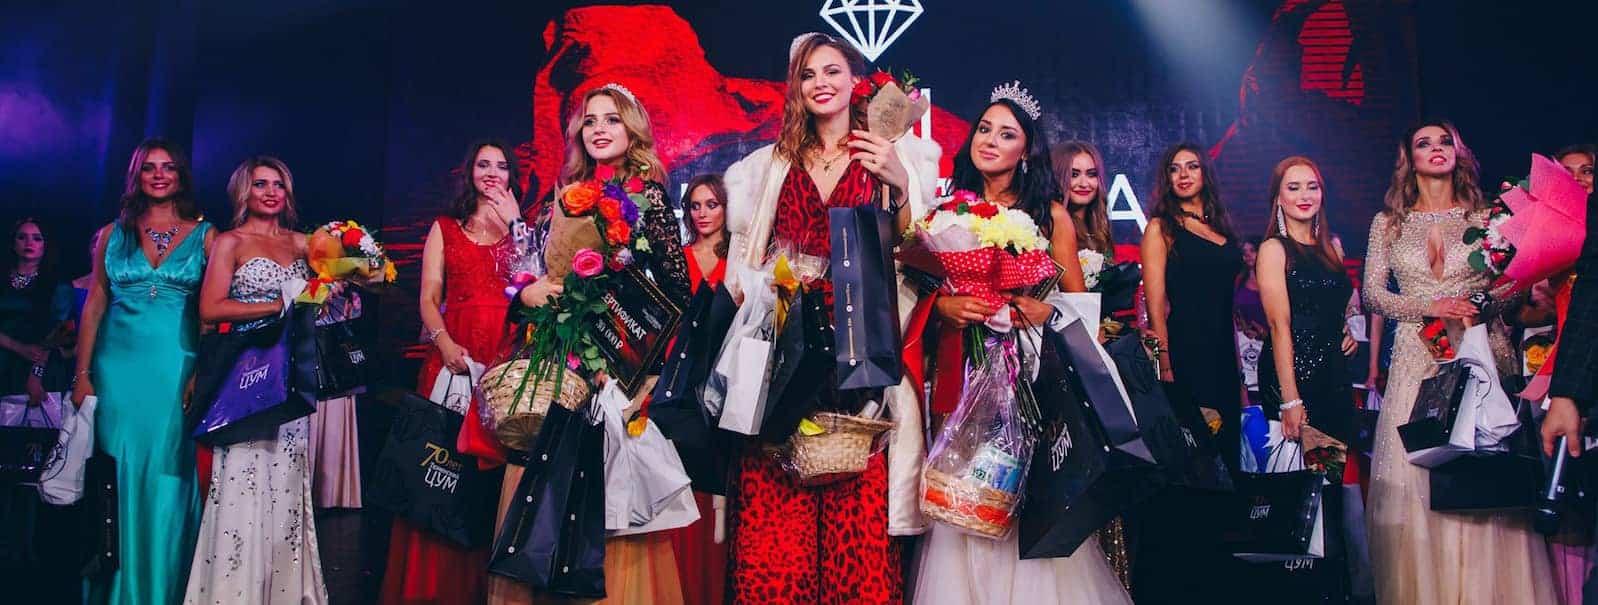 Всероссийский конкурс красоты«Ты-Уникальная» в Москве